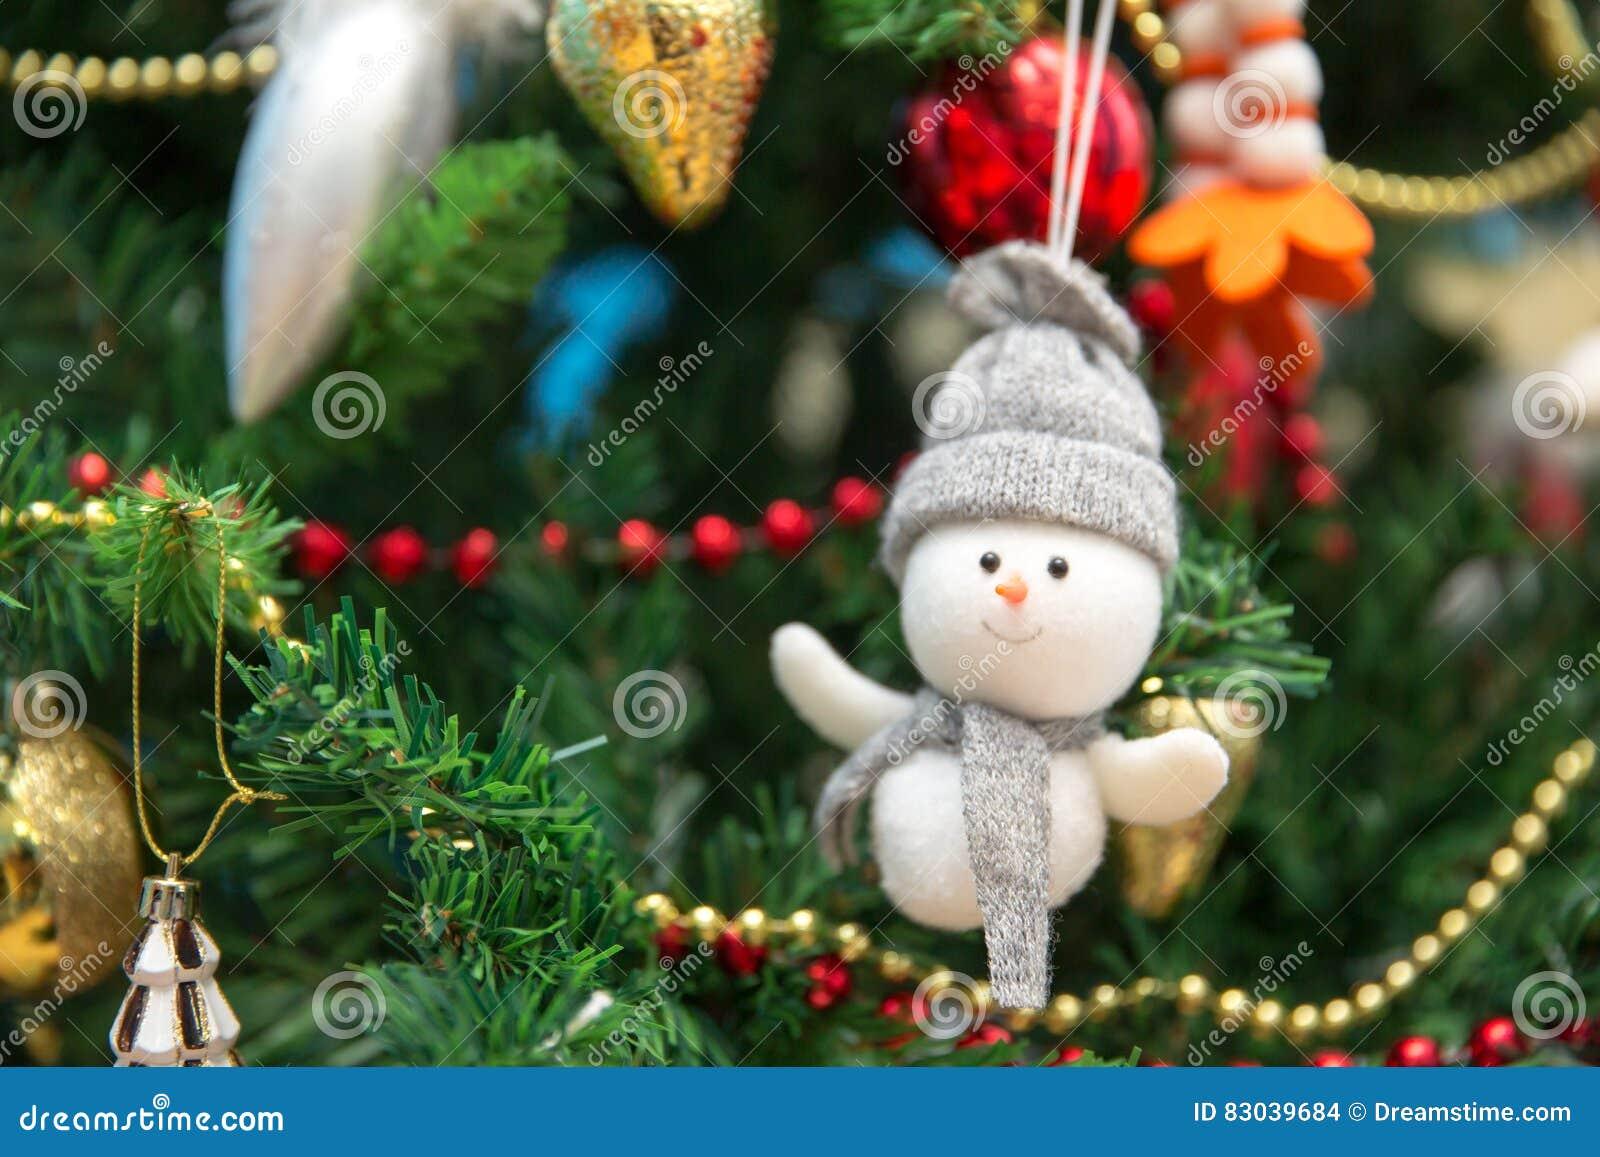 Nieuw jaar Sneeuwman op een feestelijke Kerstboom